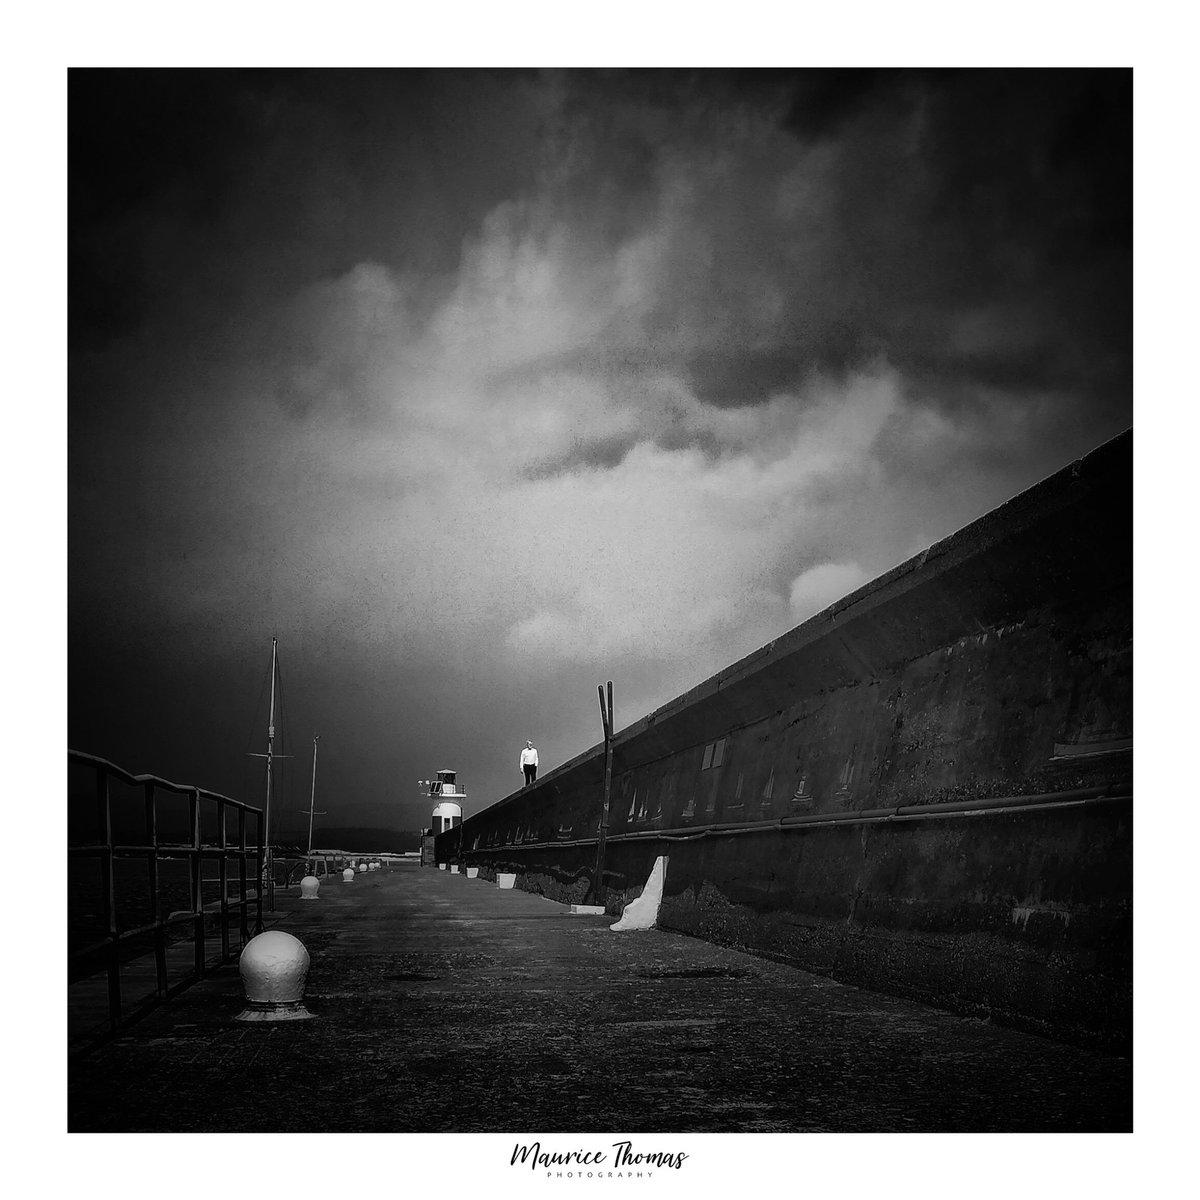 Wicklow Lighthouse, Ireland #blackandwhitephotography #blackandwhitephotographer #WicklowLighthouse #ireland #Wicklow #bnwlandscapes #bwlandscapes #bnwphoto #BnW #Monochrome #BnW_Captures #BnW_Mood #BWLovers #BnW_OfTheWorld #bwlandscapephotography #bnwmood #landscapephotography pic.twitter.com/hDMLZX8gRH